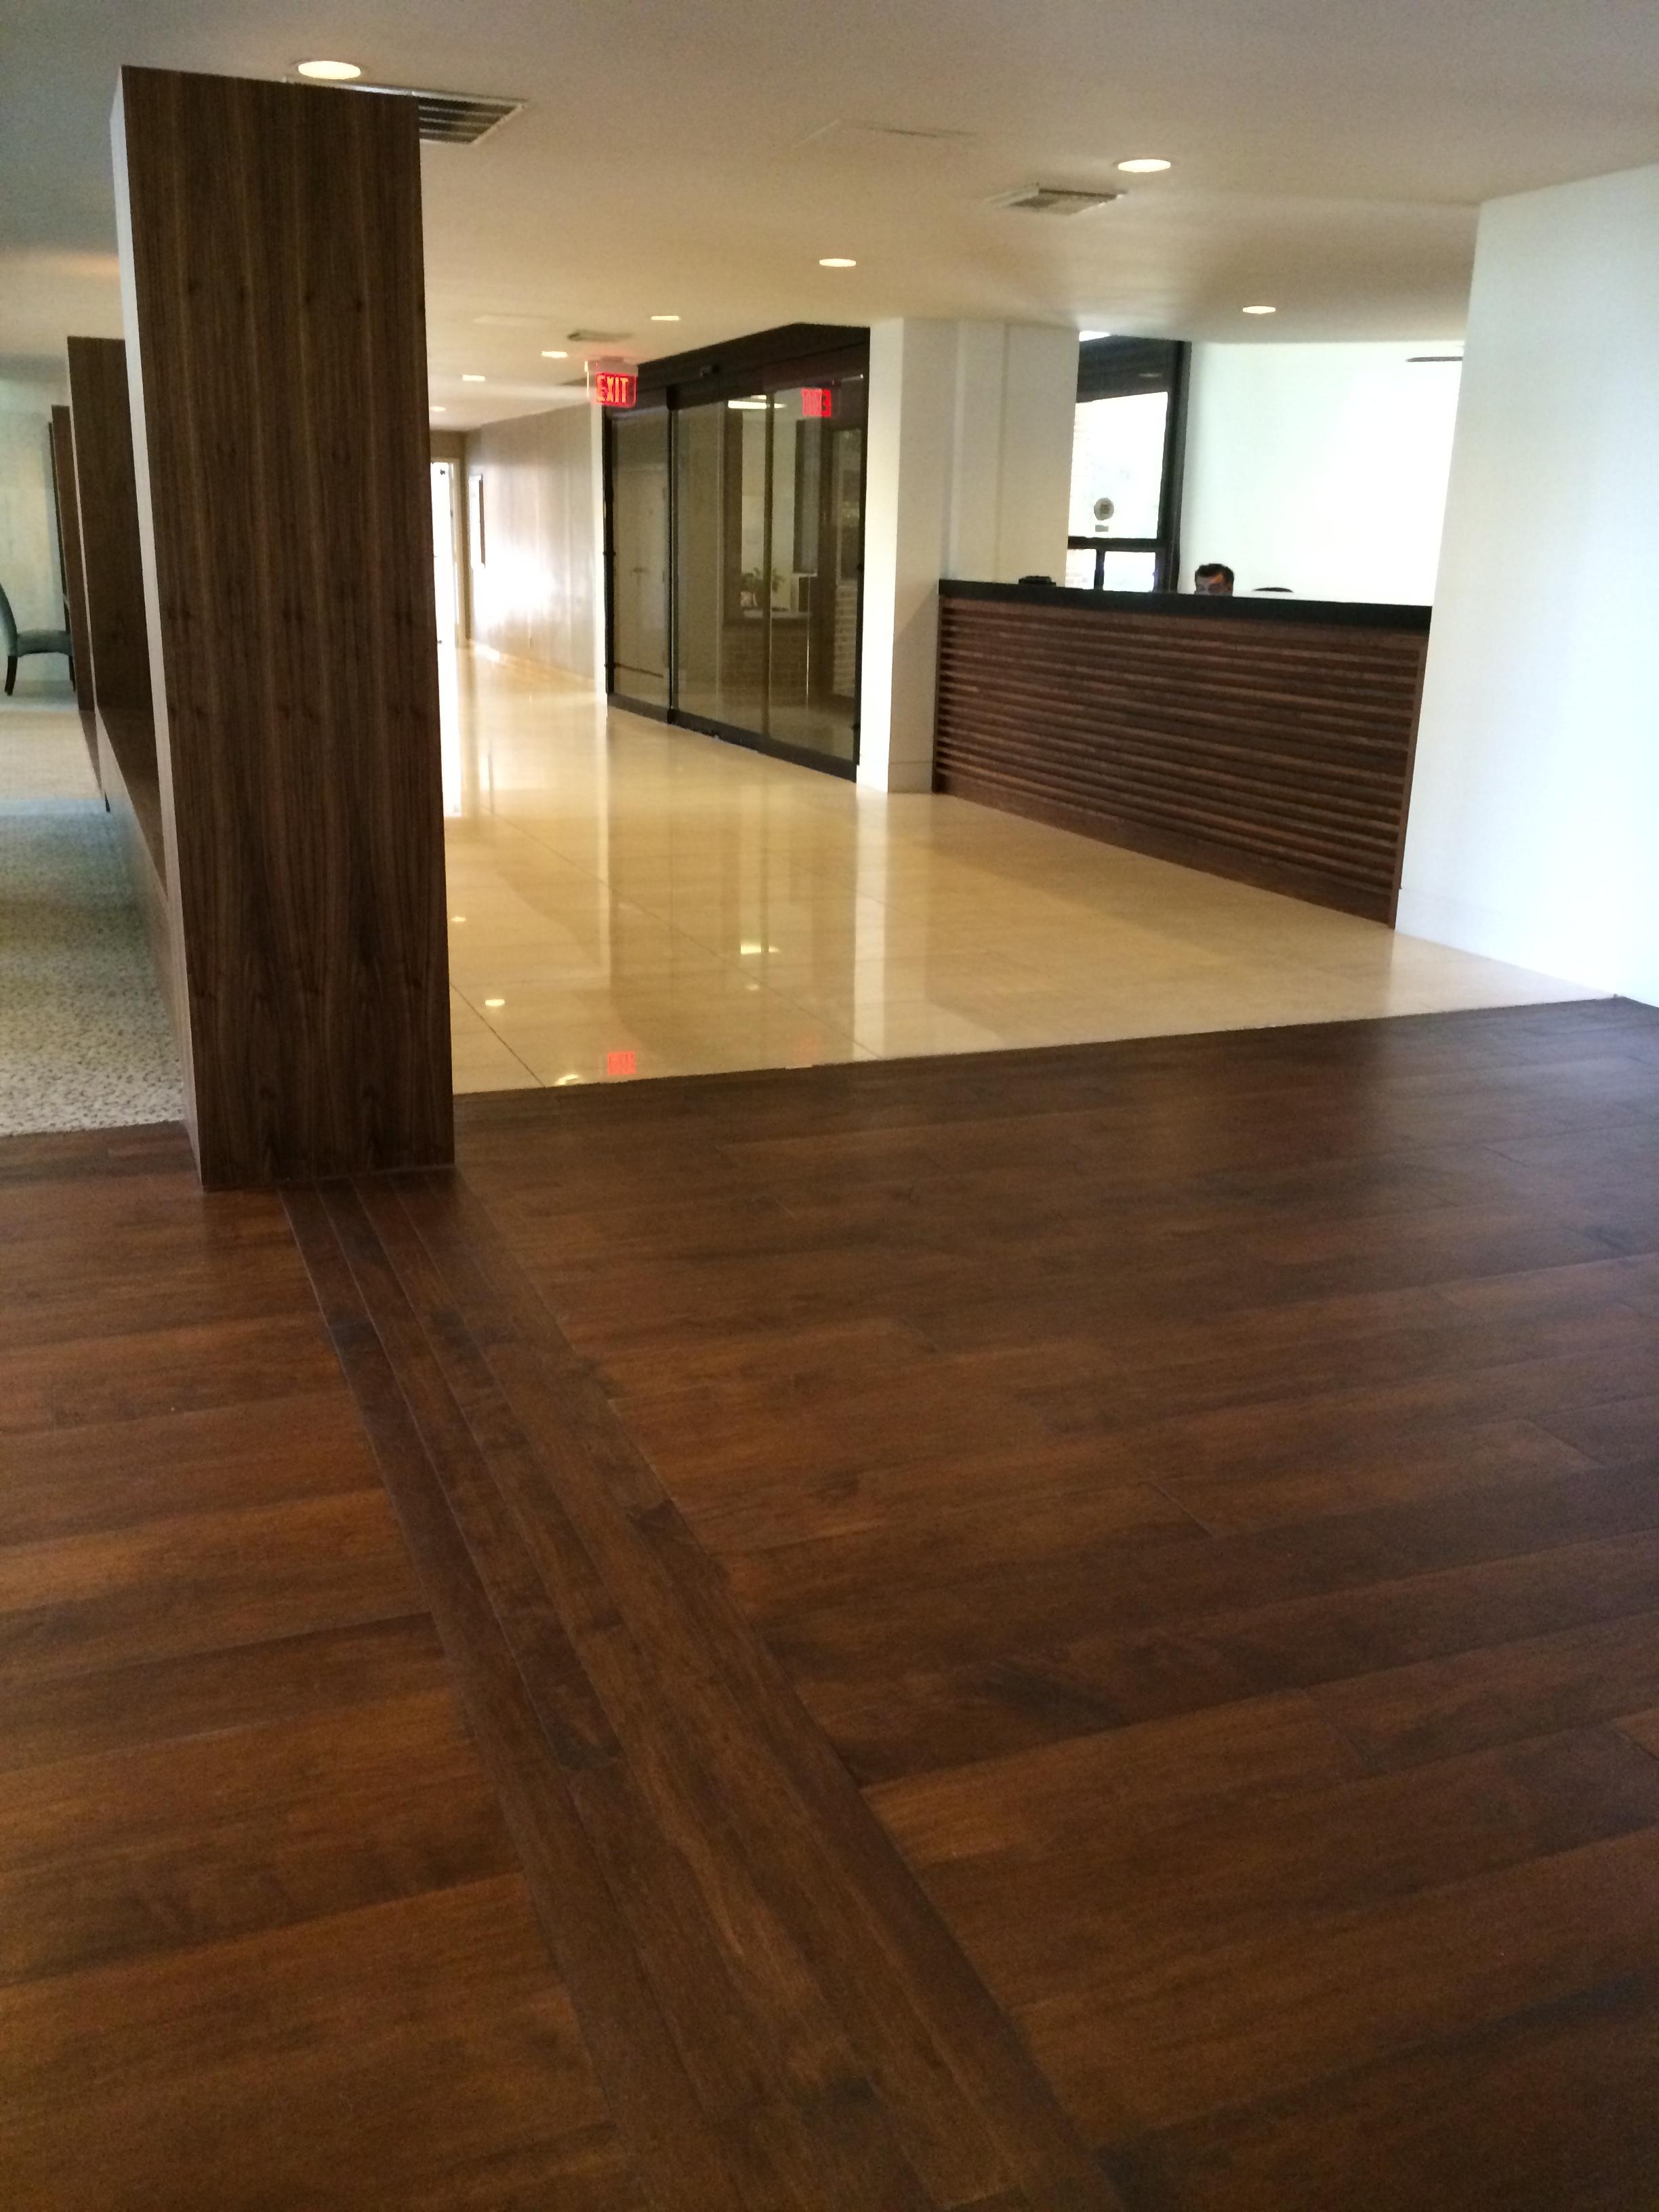 Hotel Lobby - Houston-0003.JPG